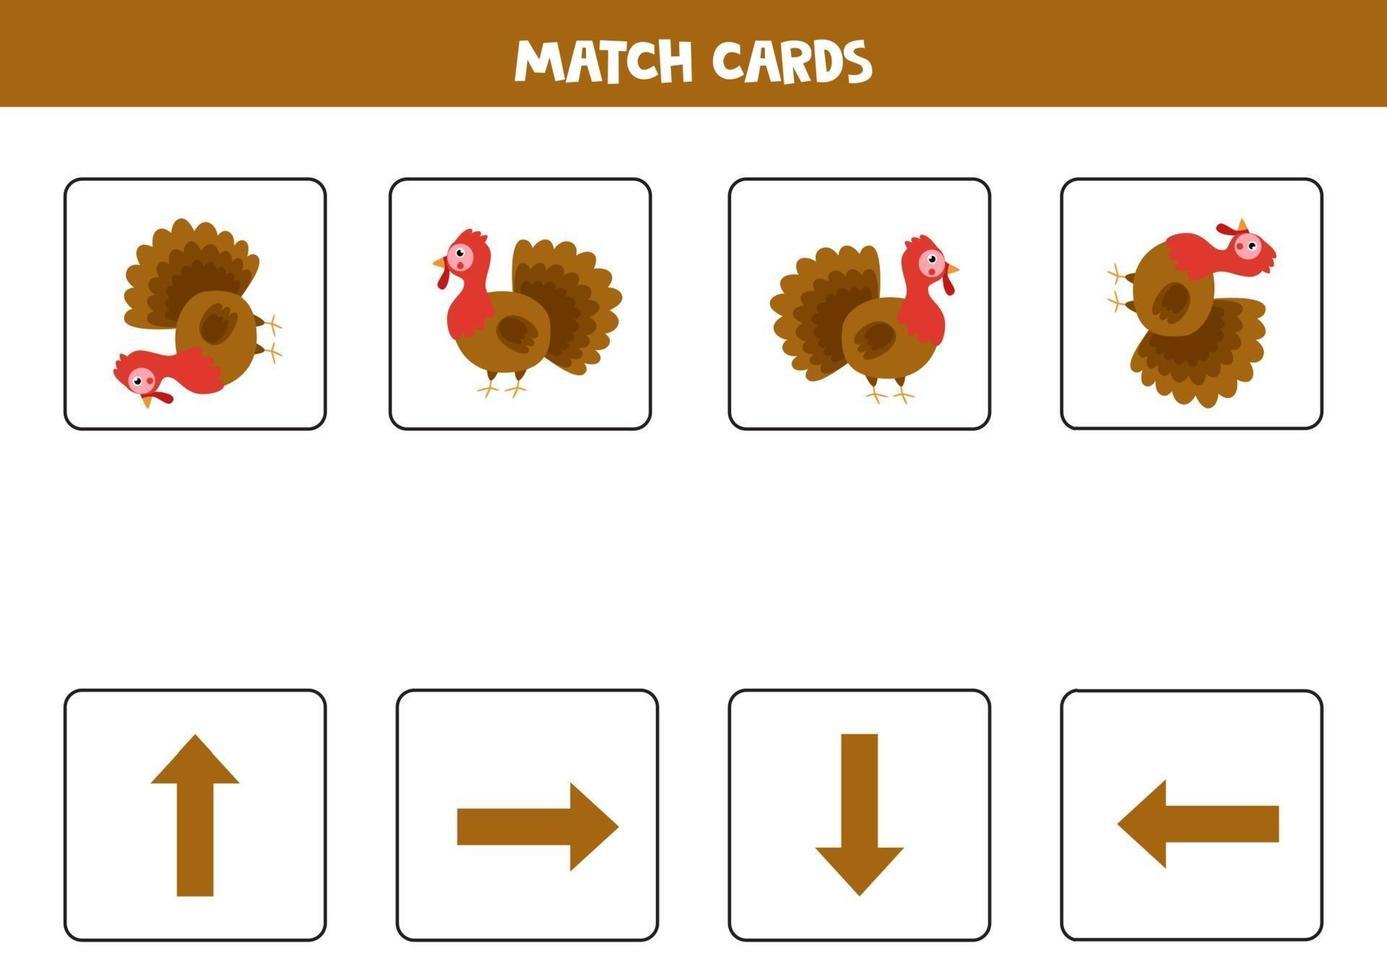 esquerda, direita, para cima ou para baixo. orientação espacial com a Turquia dos desenhos animados. vetor